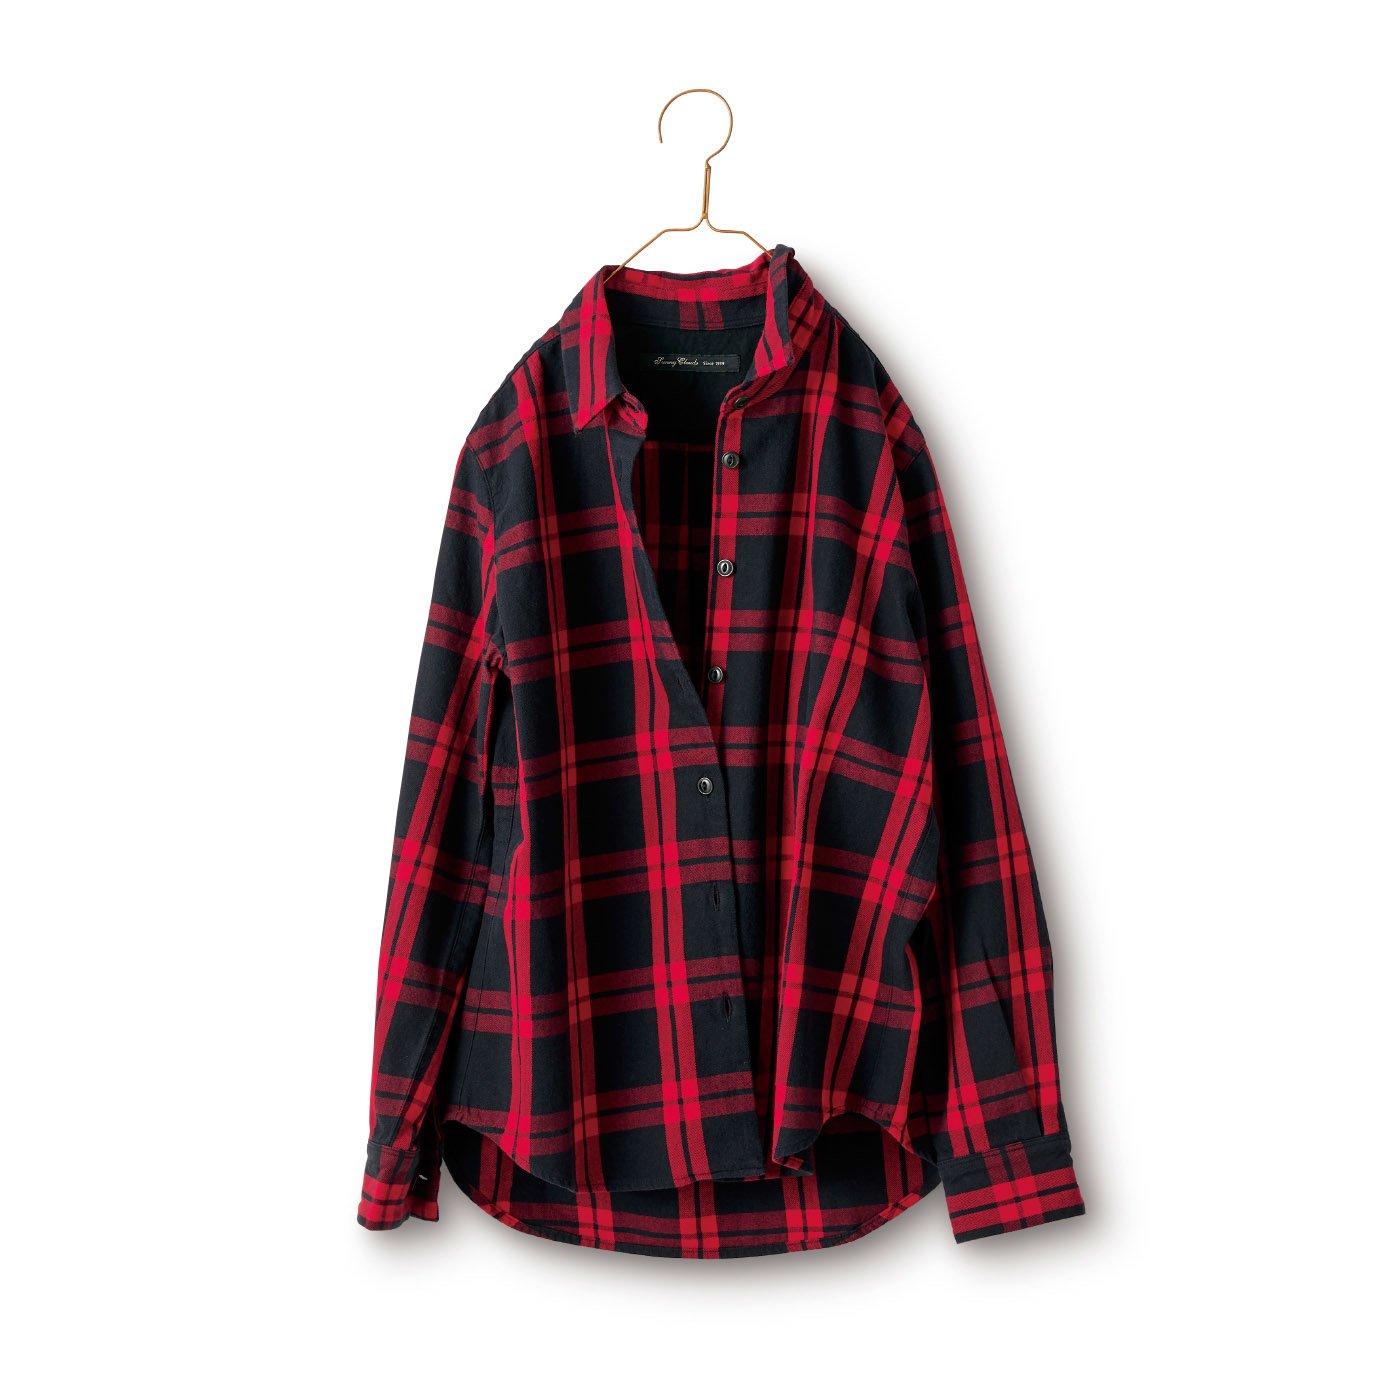 サニークラウズ タータンの気さくなチェックシャツ〈レディース〉赤